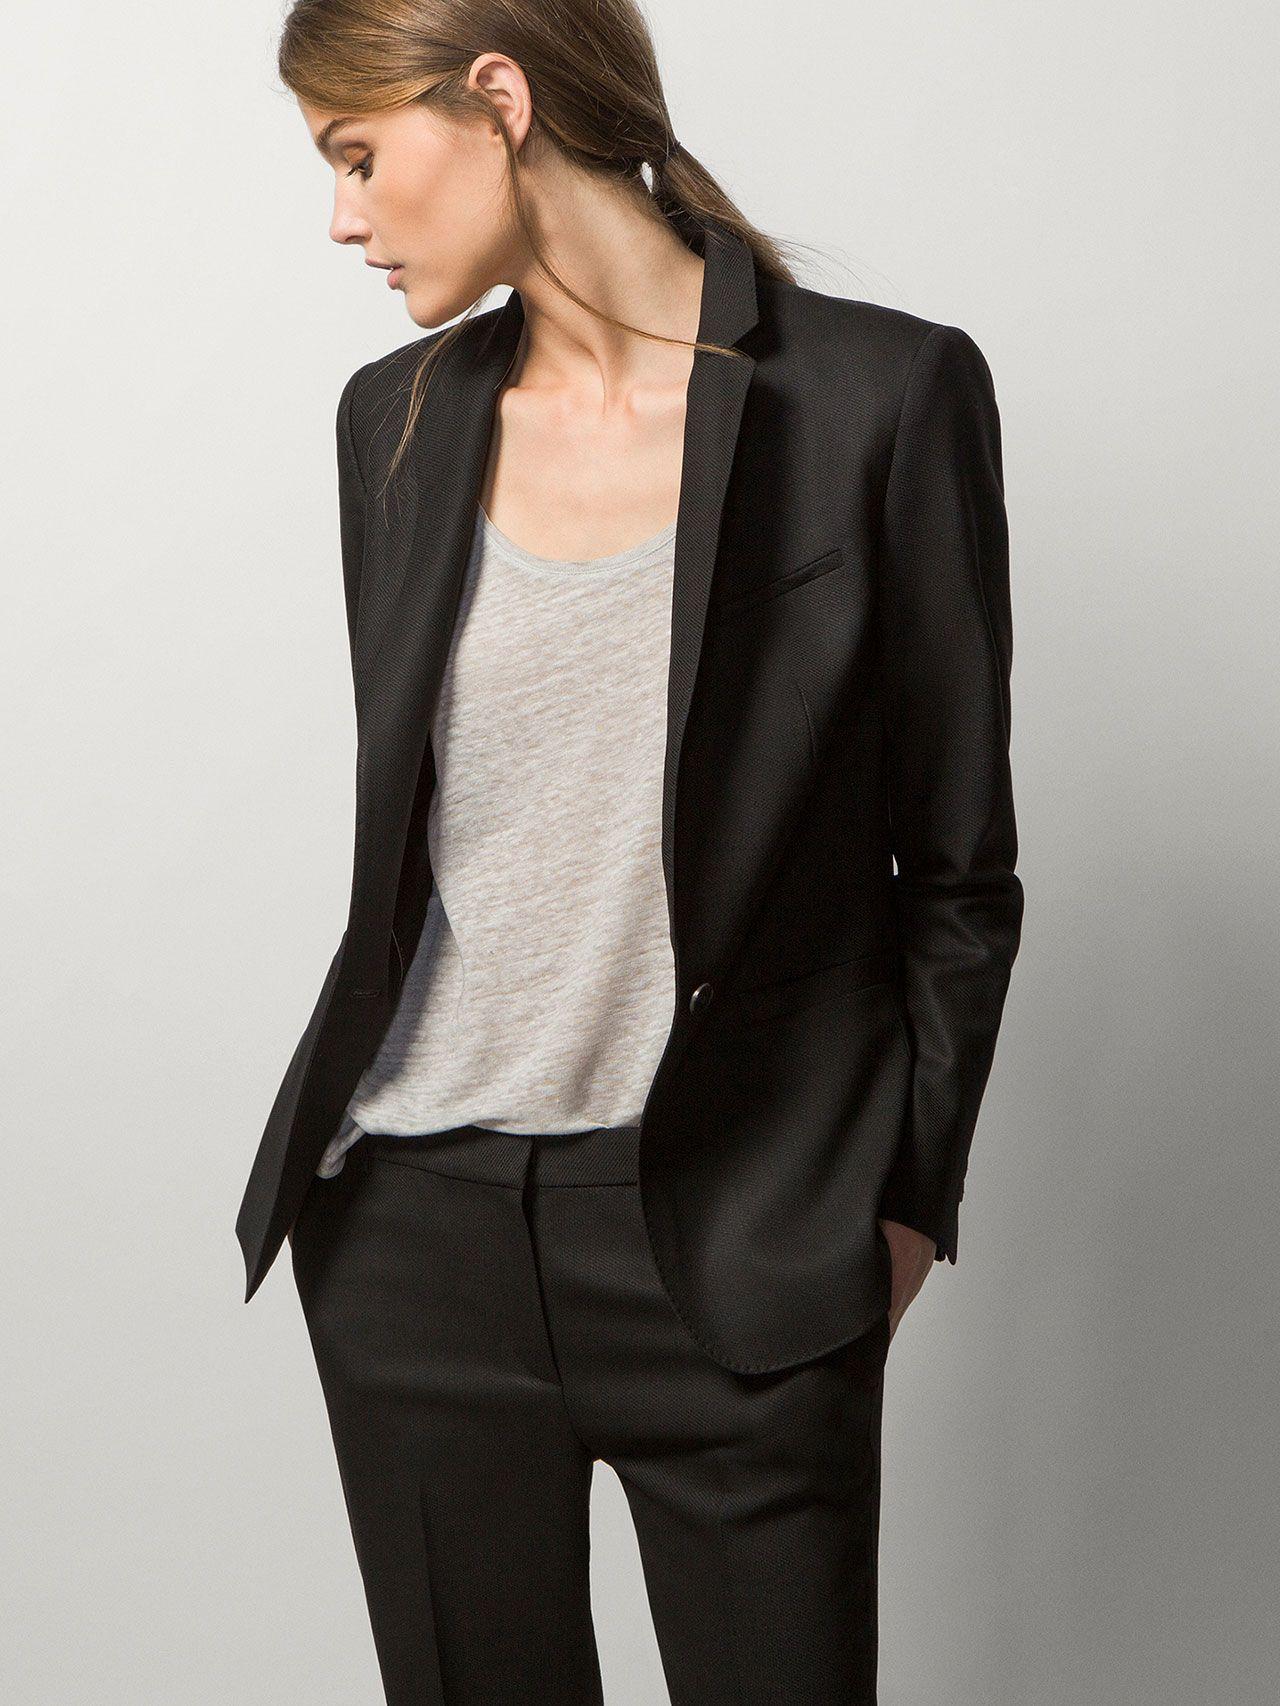 Black Suit Jacket Blazer Jackets For Women Womens Suits Business Black Suit Jacket [ 1706 x 1280 Pixel ]